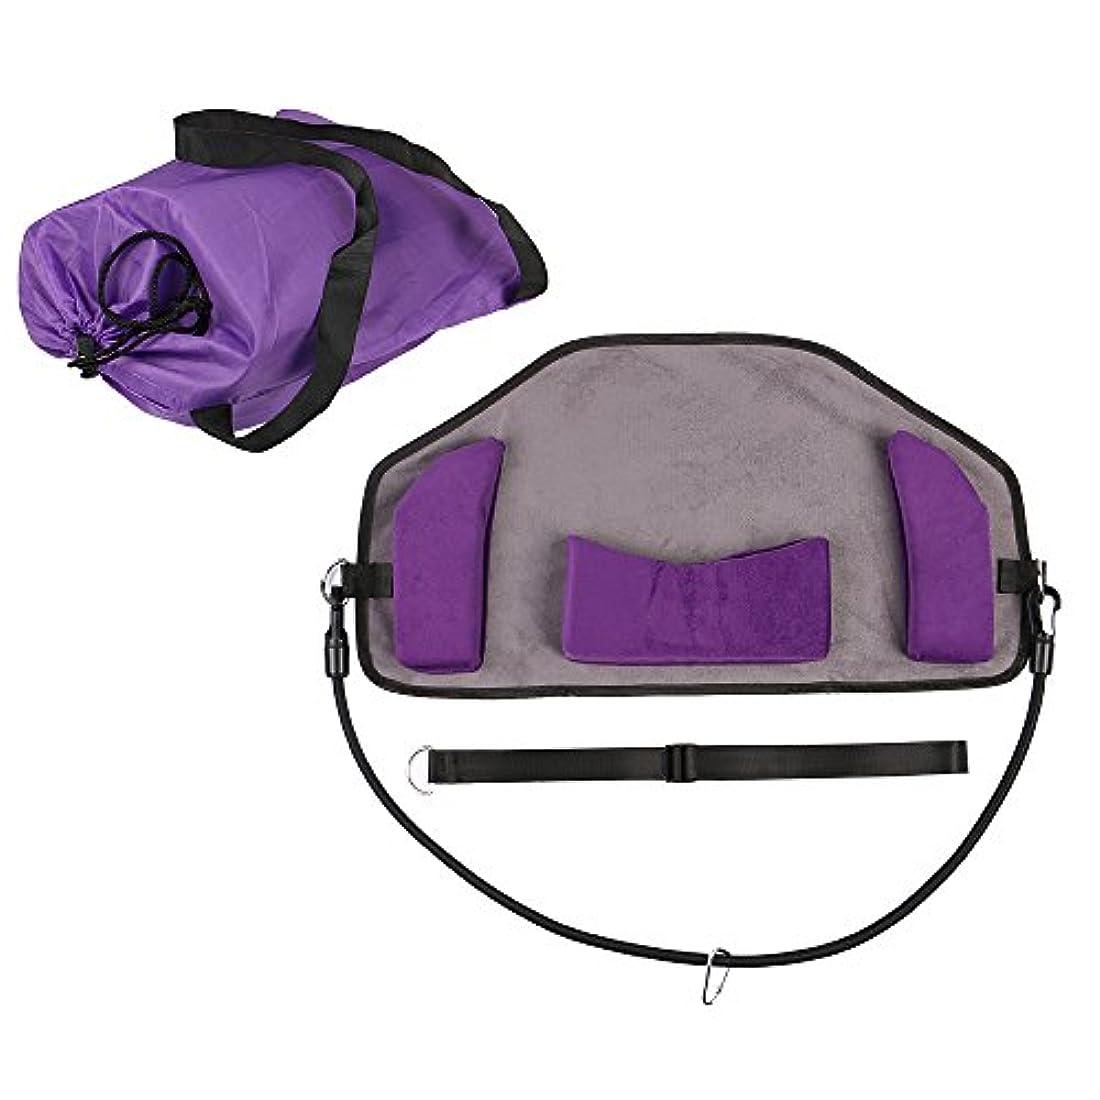 によるとジュース手首ネックハンモックネックペイントリリーフのためのより良いハンモックポータブルと調節可能なネックストレッチャーあなたの疲れを速やかに解消 (紫の)